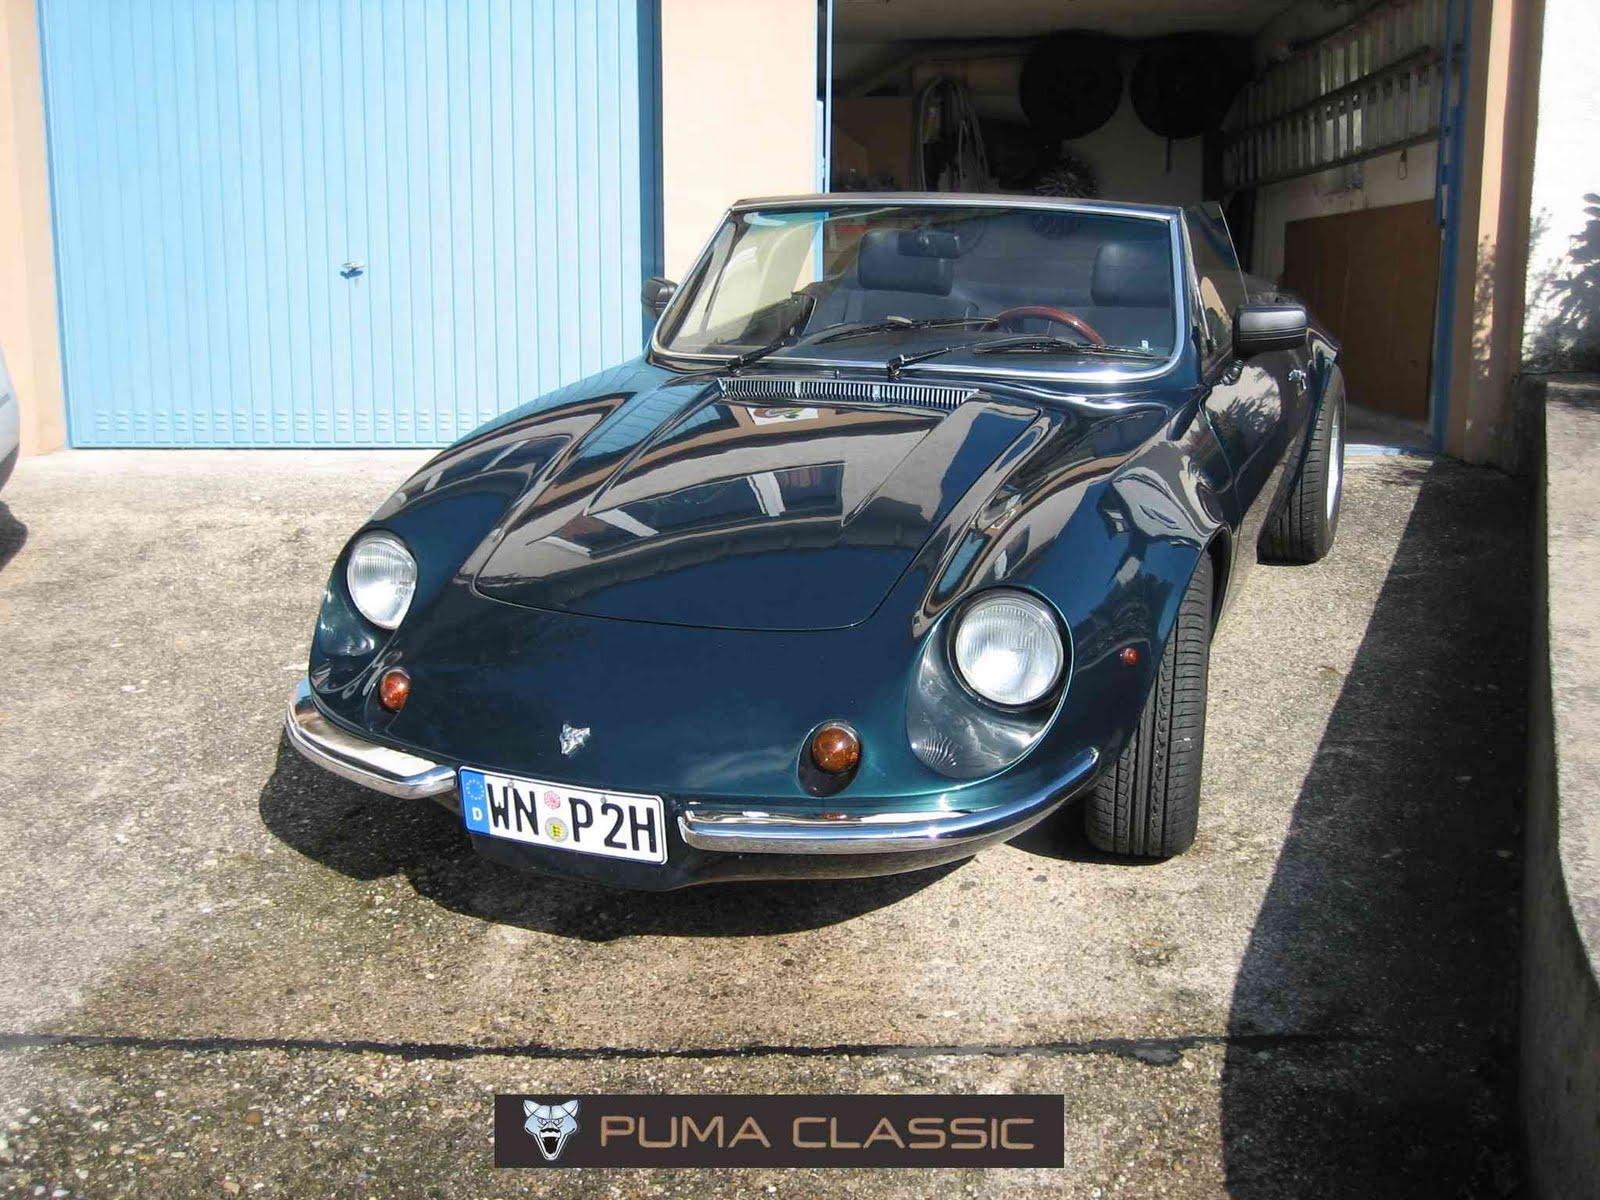 29c94fb1d95 Puma Classic  Puma pelo mundo - GTS 1978